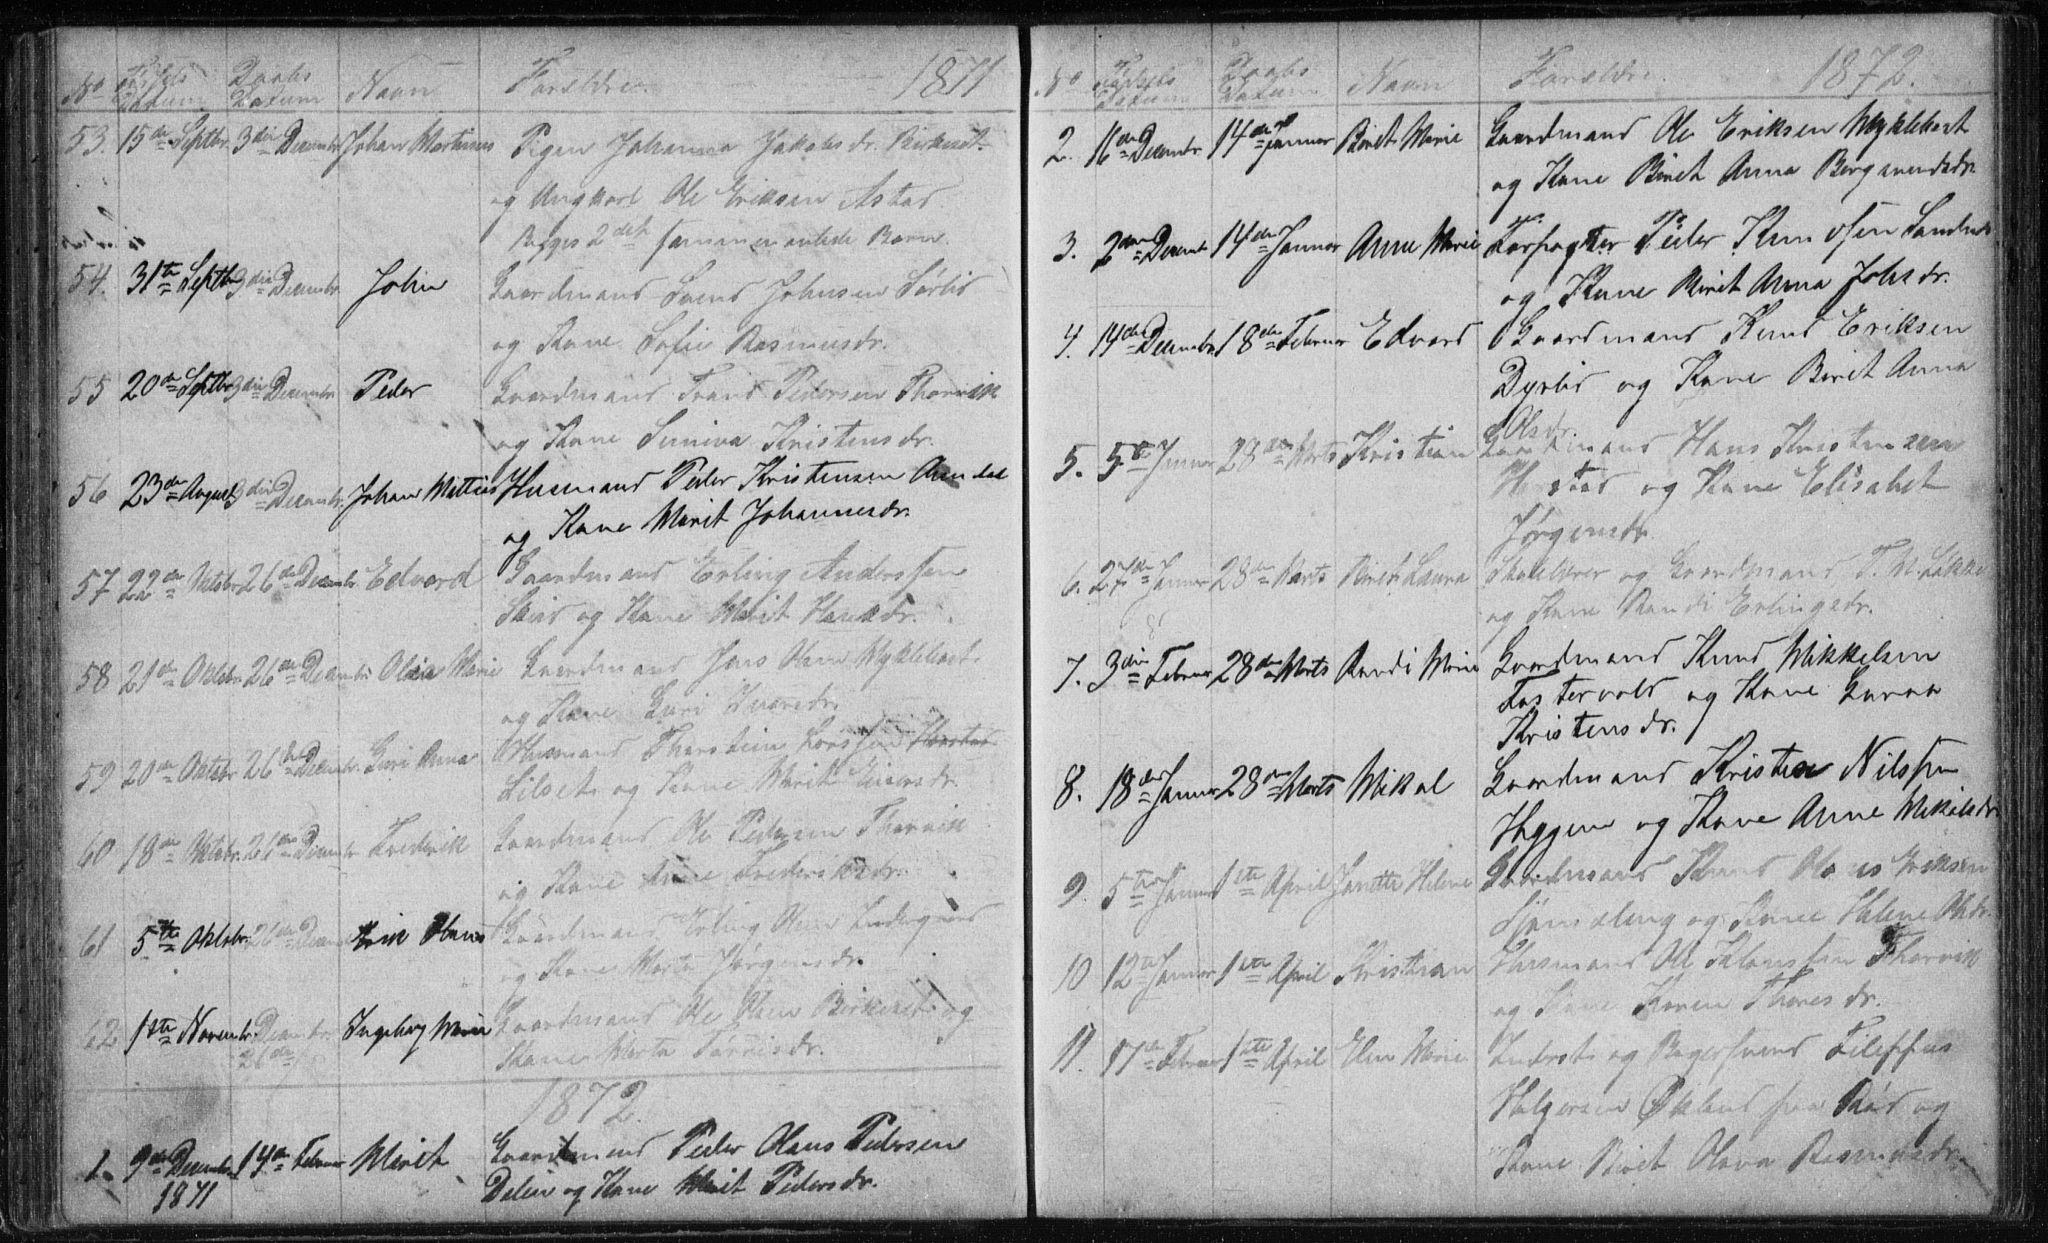 SAT, Ministerialprotokoller, klokkerbøker og fødselsregistre - Møre og Romsdal, 584/L0968: Klokkerbok nr. 584C01, 1862-1877